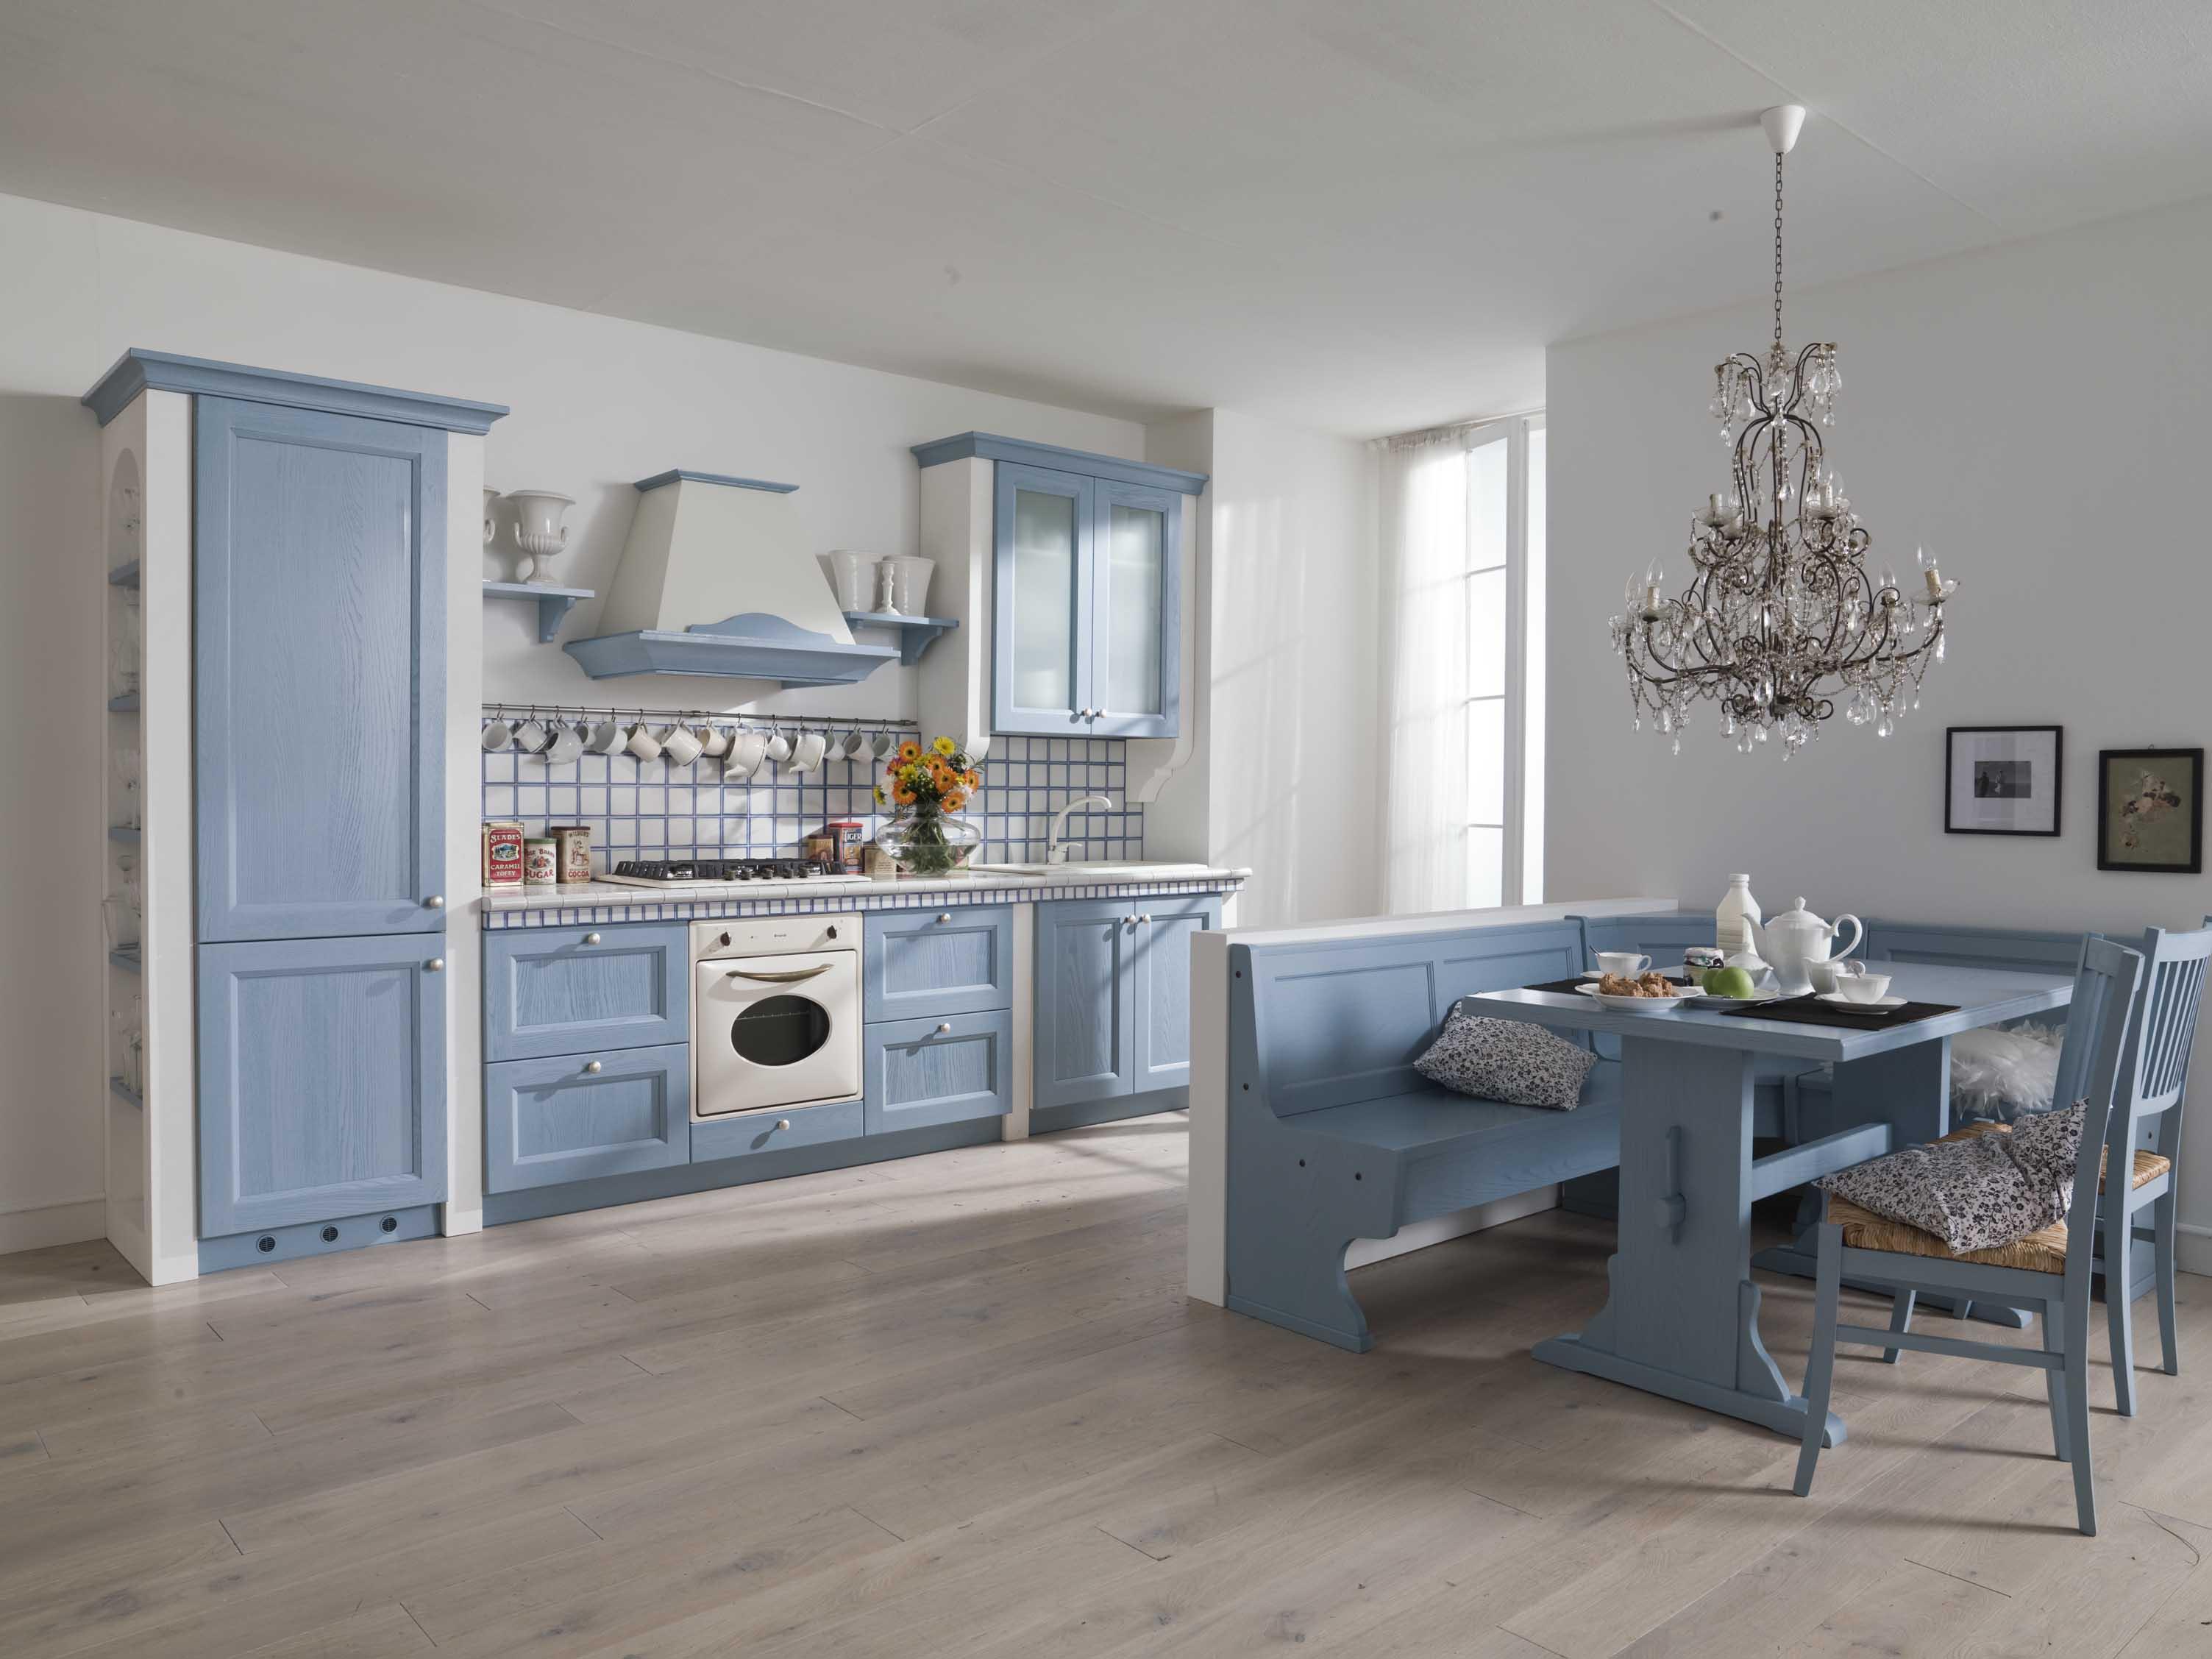 Cucina country chic lorenzelli arredamenti - Immagini cucine classiche ...